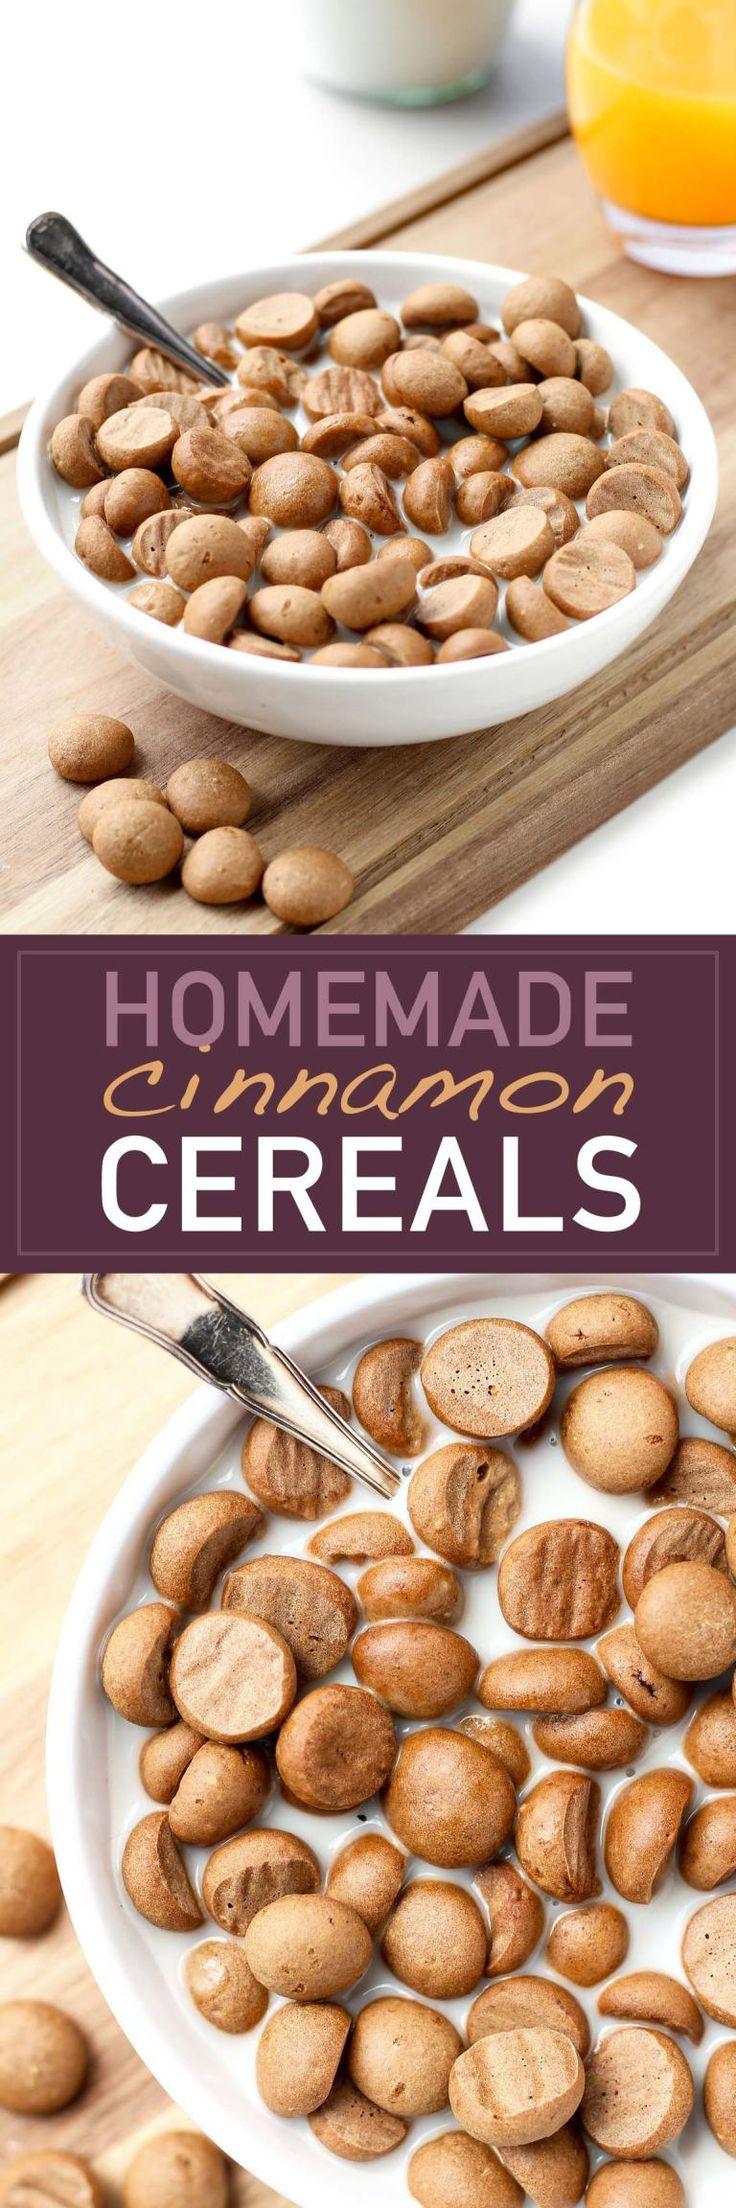 The Best Vegan Cinnamon Cereals